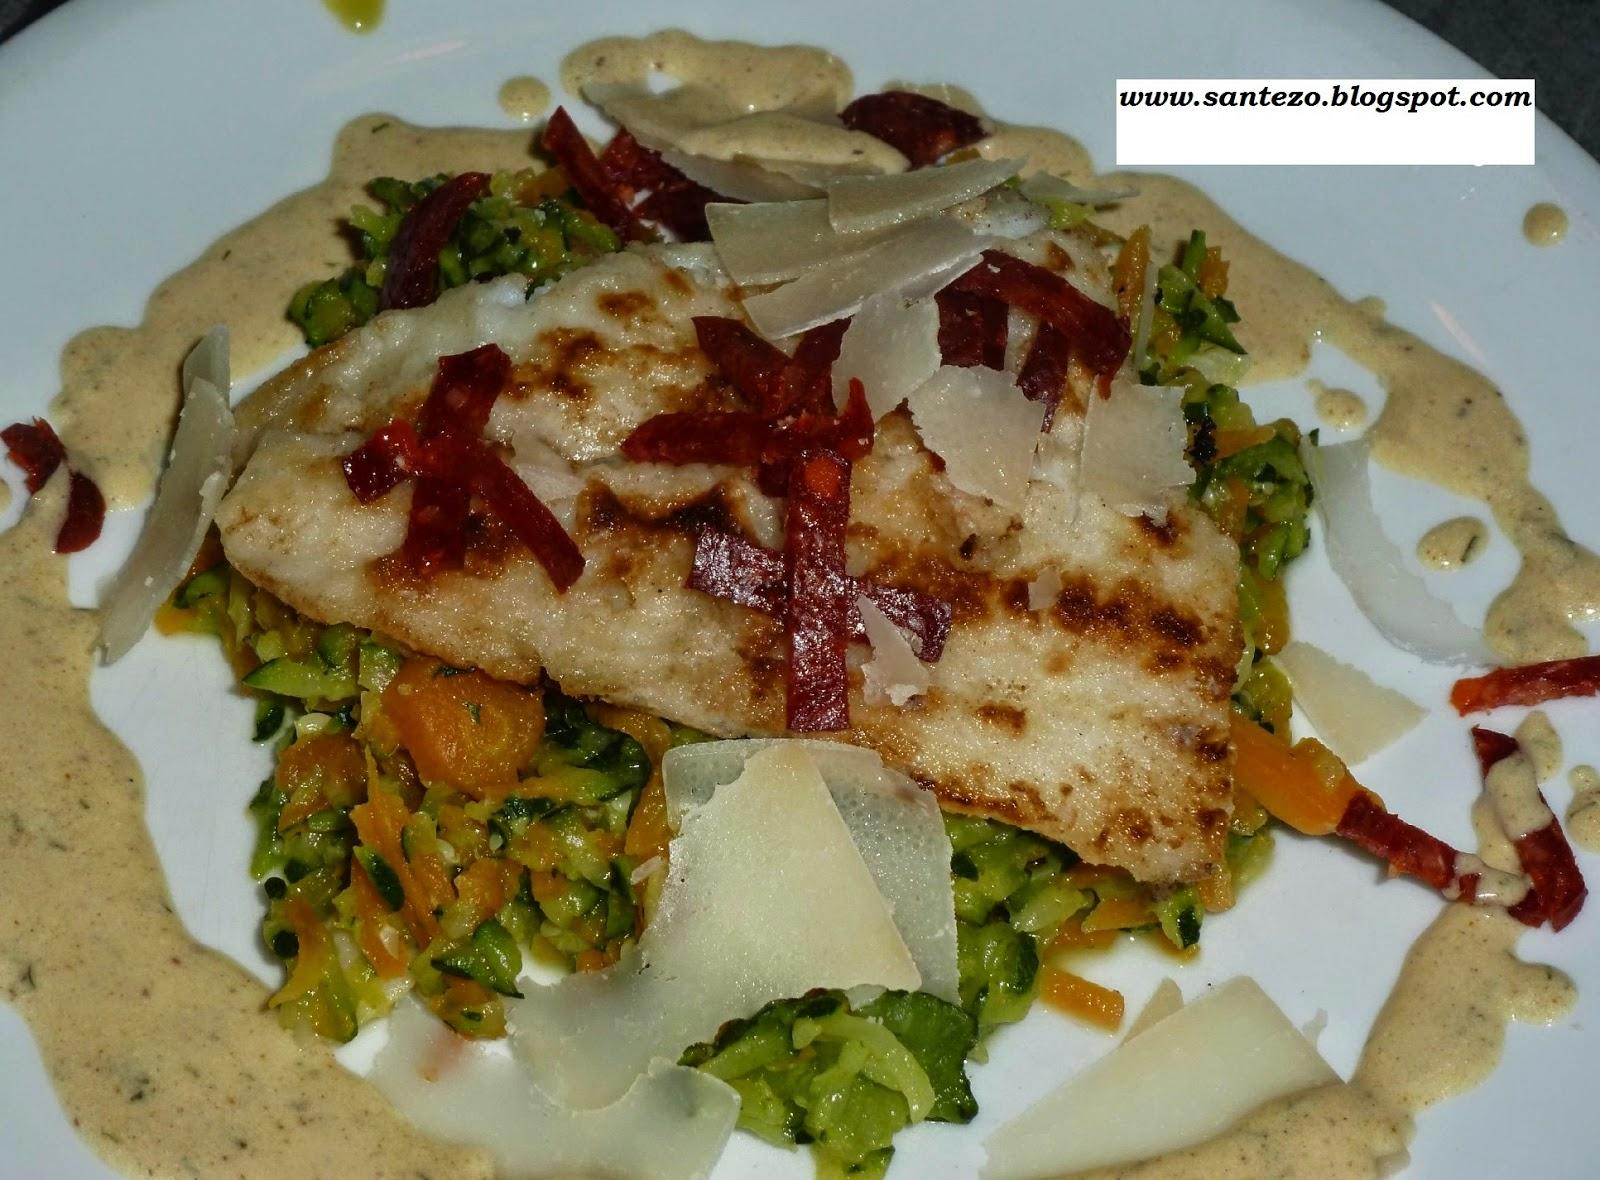 Filets de poisson et bâtonnets de légumes à l'orientale... délicieux